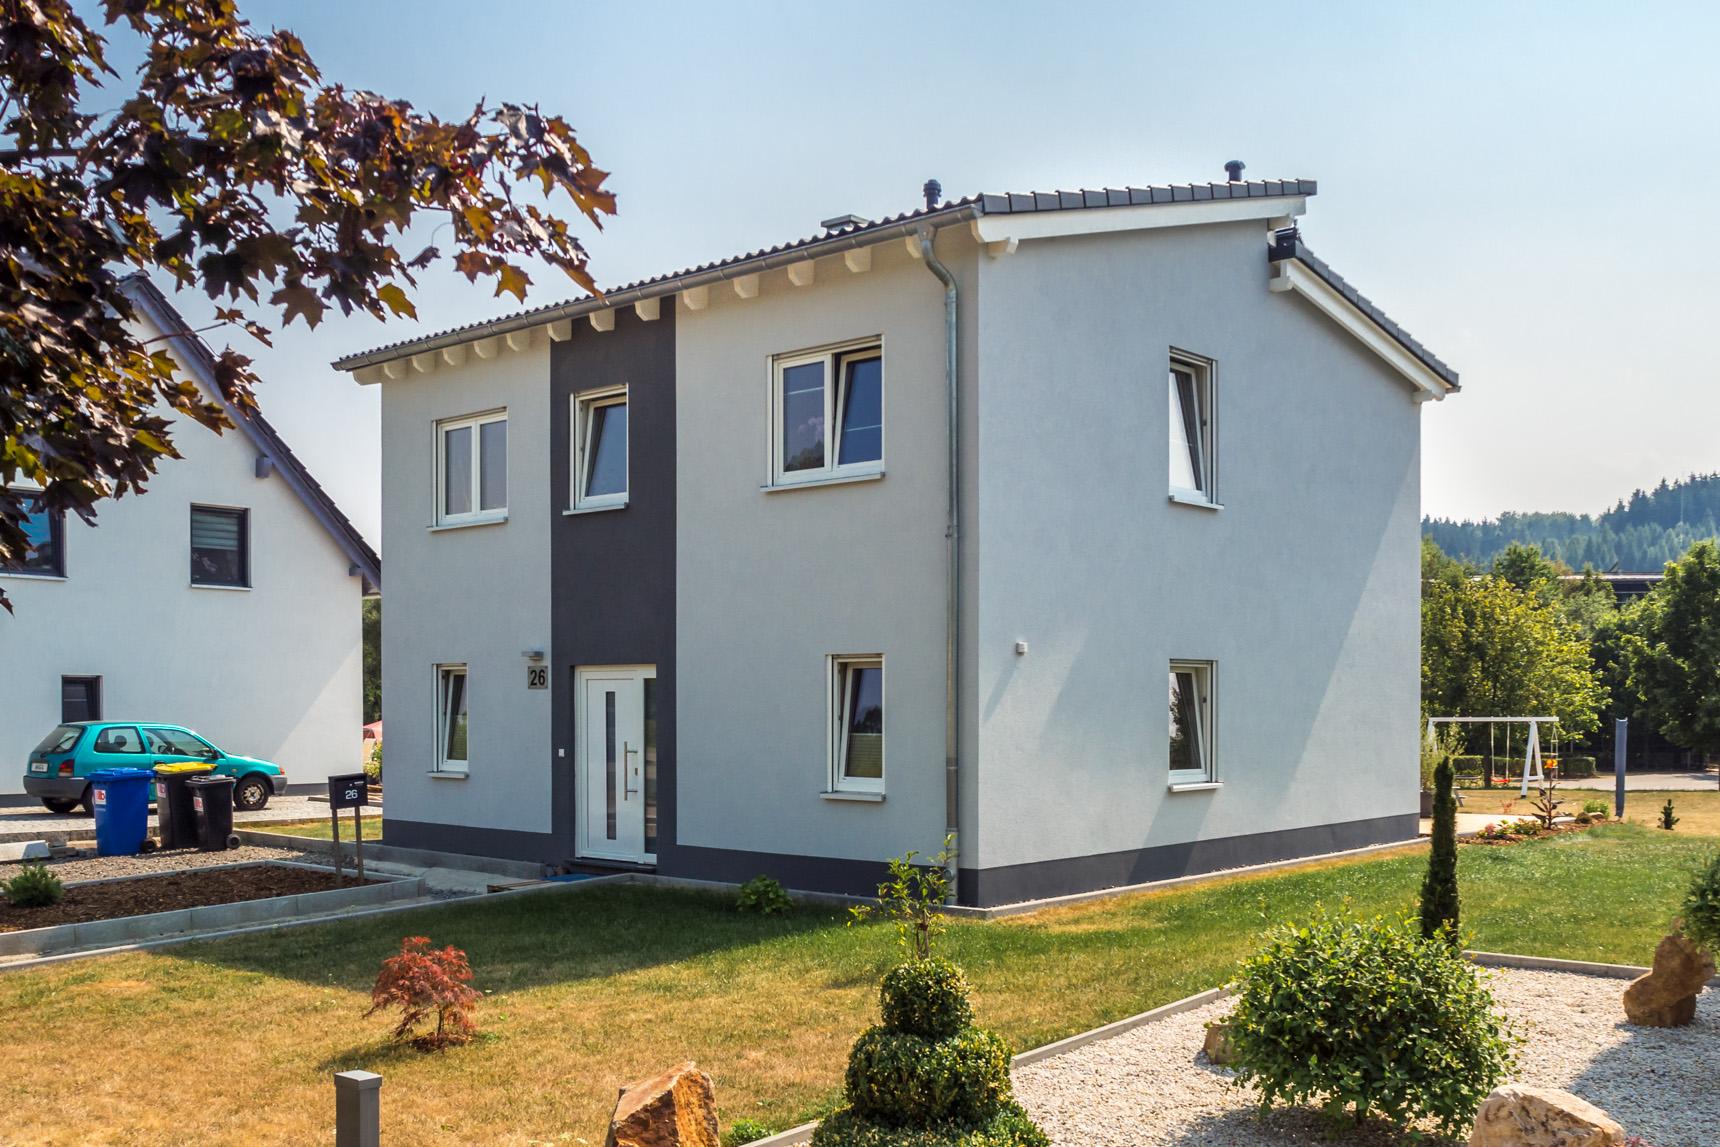 Referenz - Flöha - AGL Massivhaus Projektbau GmbH